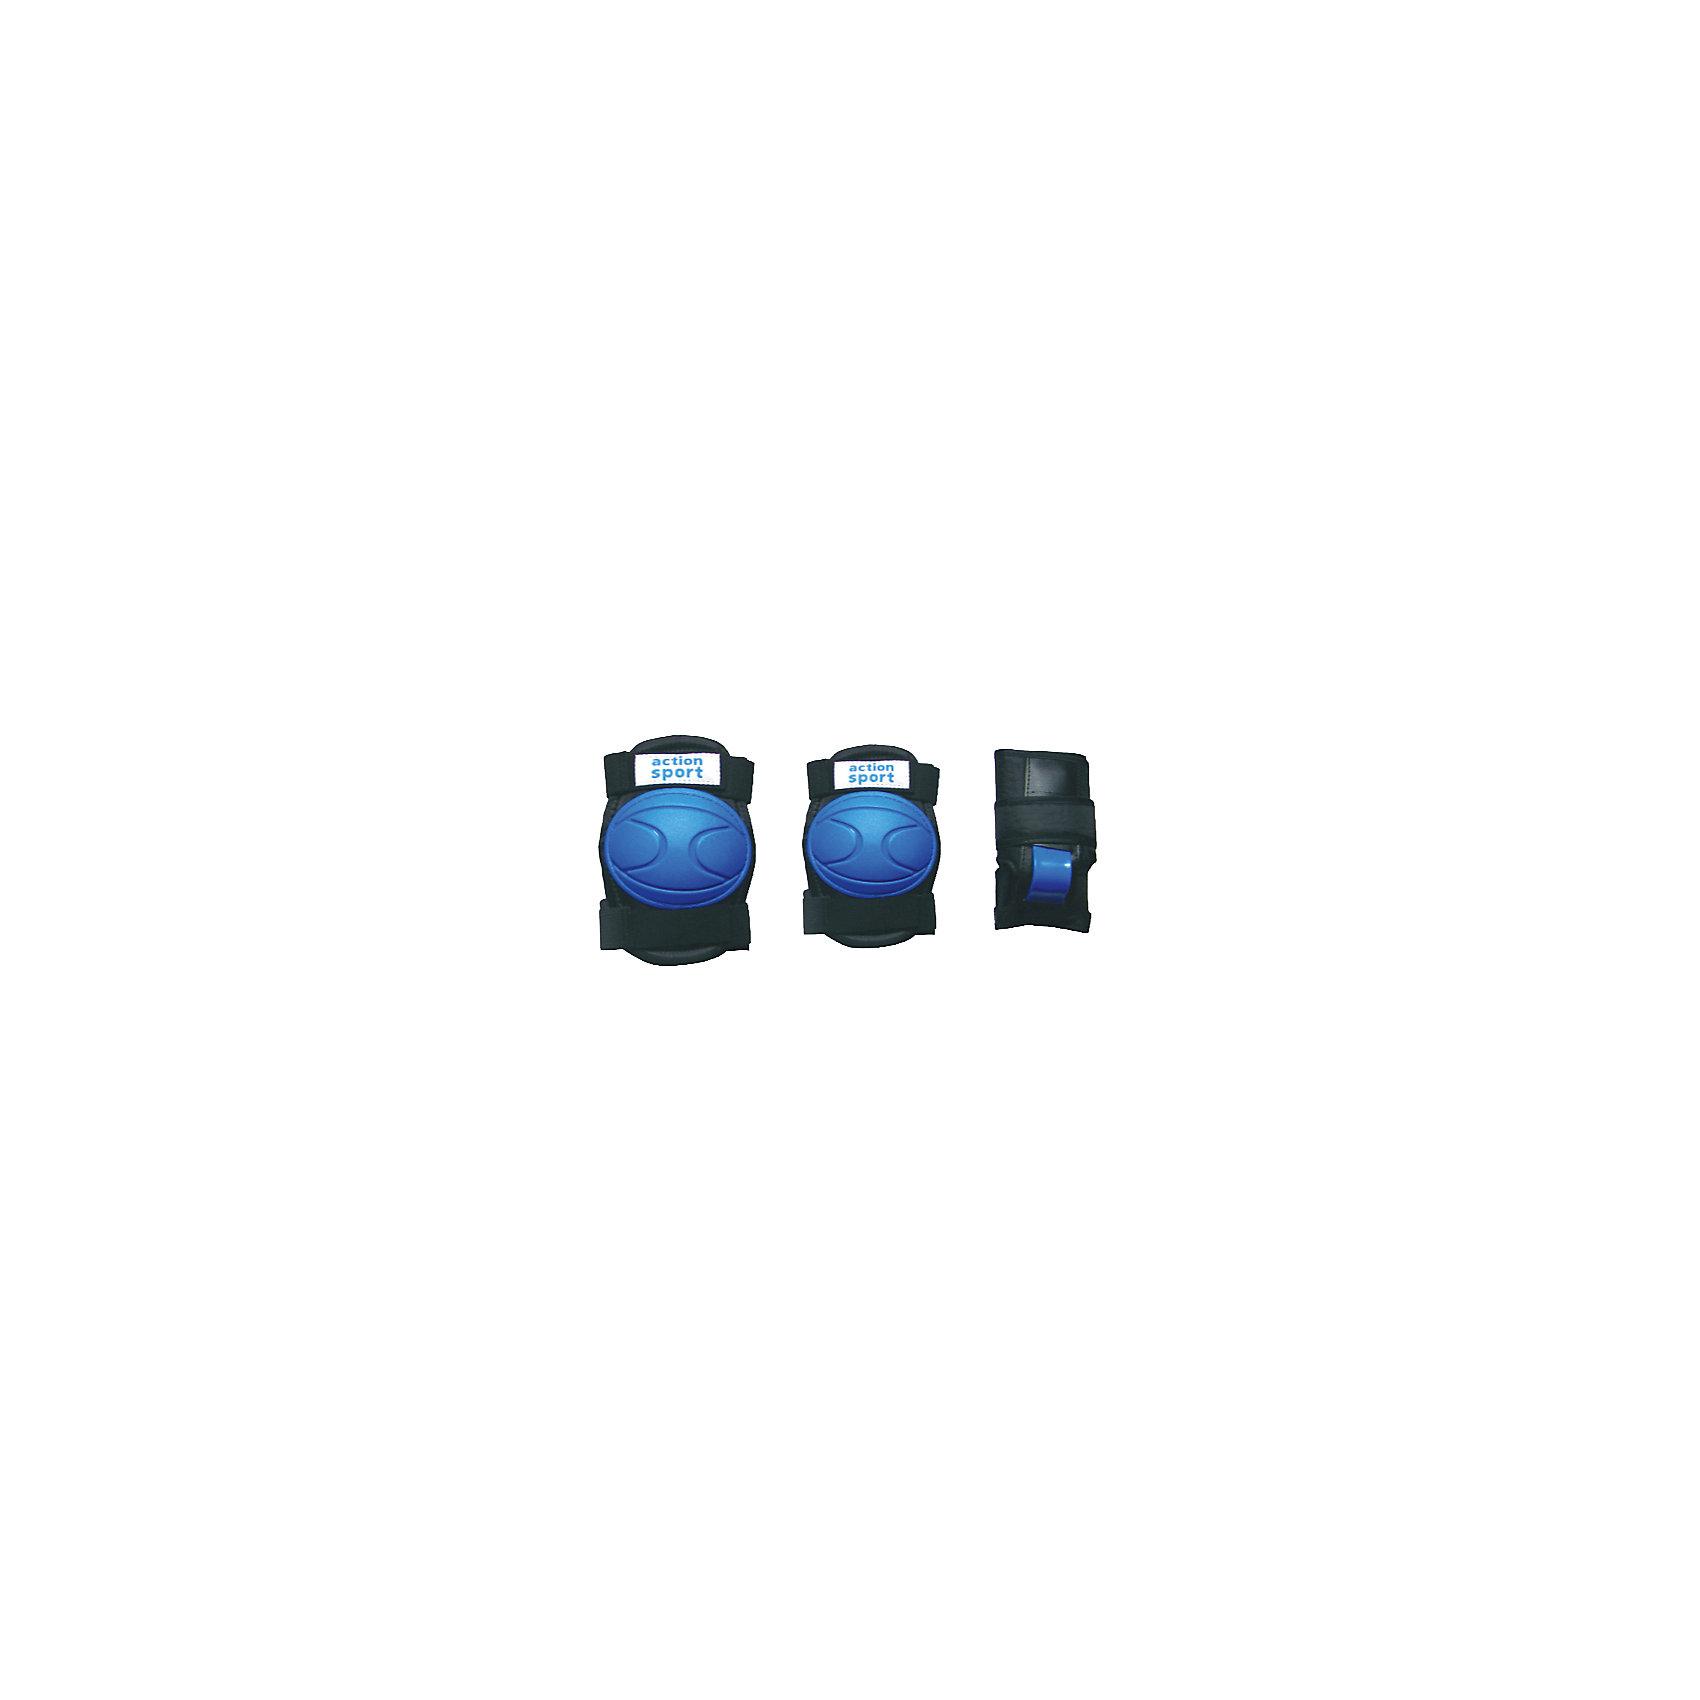 Защита локтя, запястья, колена р.M, ActionОсновные характеристики<br><br>Комплектность: наколенник - 2шт., налокотник - 2шт., наладонник - 2шт.<br>Размер: M (соответствует размерам коньков 34-40)<br>Материалы: основа - нейлон, защитные накладки - поливинилхлорид<br>Цвет: черный/синий<br>Вид использования: любительское катание на роликовых коньках <br>Страна-производитель: Китай<br>Упаковка: полиэтиленовый пакет с европодвесом<br><br>Наиболее распространённой является тройная защита – наколенники, налокотники и наладонники со специальными пластинами на запястьях. Такой набор защиты для катания на роликовых коньках считается оптимальным, предохраняя от травм самые уязвимые места при катании.<br><br>Ширина мм: 10<br>Глубина мм: 350<br>Высота мм: 160<br>Вес г: 300<br>Возраст от месяцев: 36<br>Возраст до месяцев: 192<br>Пол: Унисекс<br>Возраст: Детский<br>SKU: 5056593